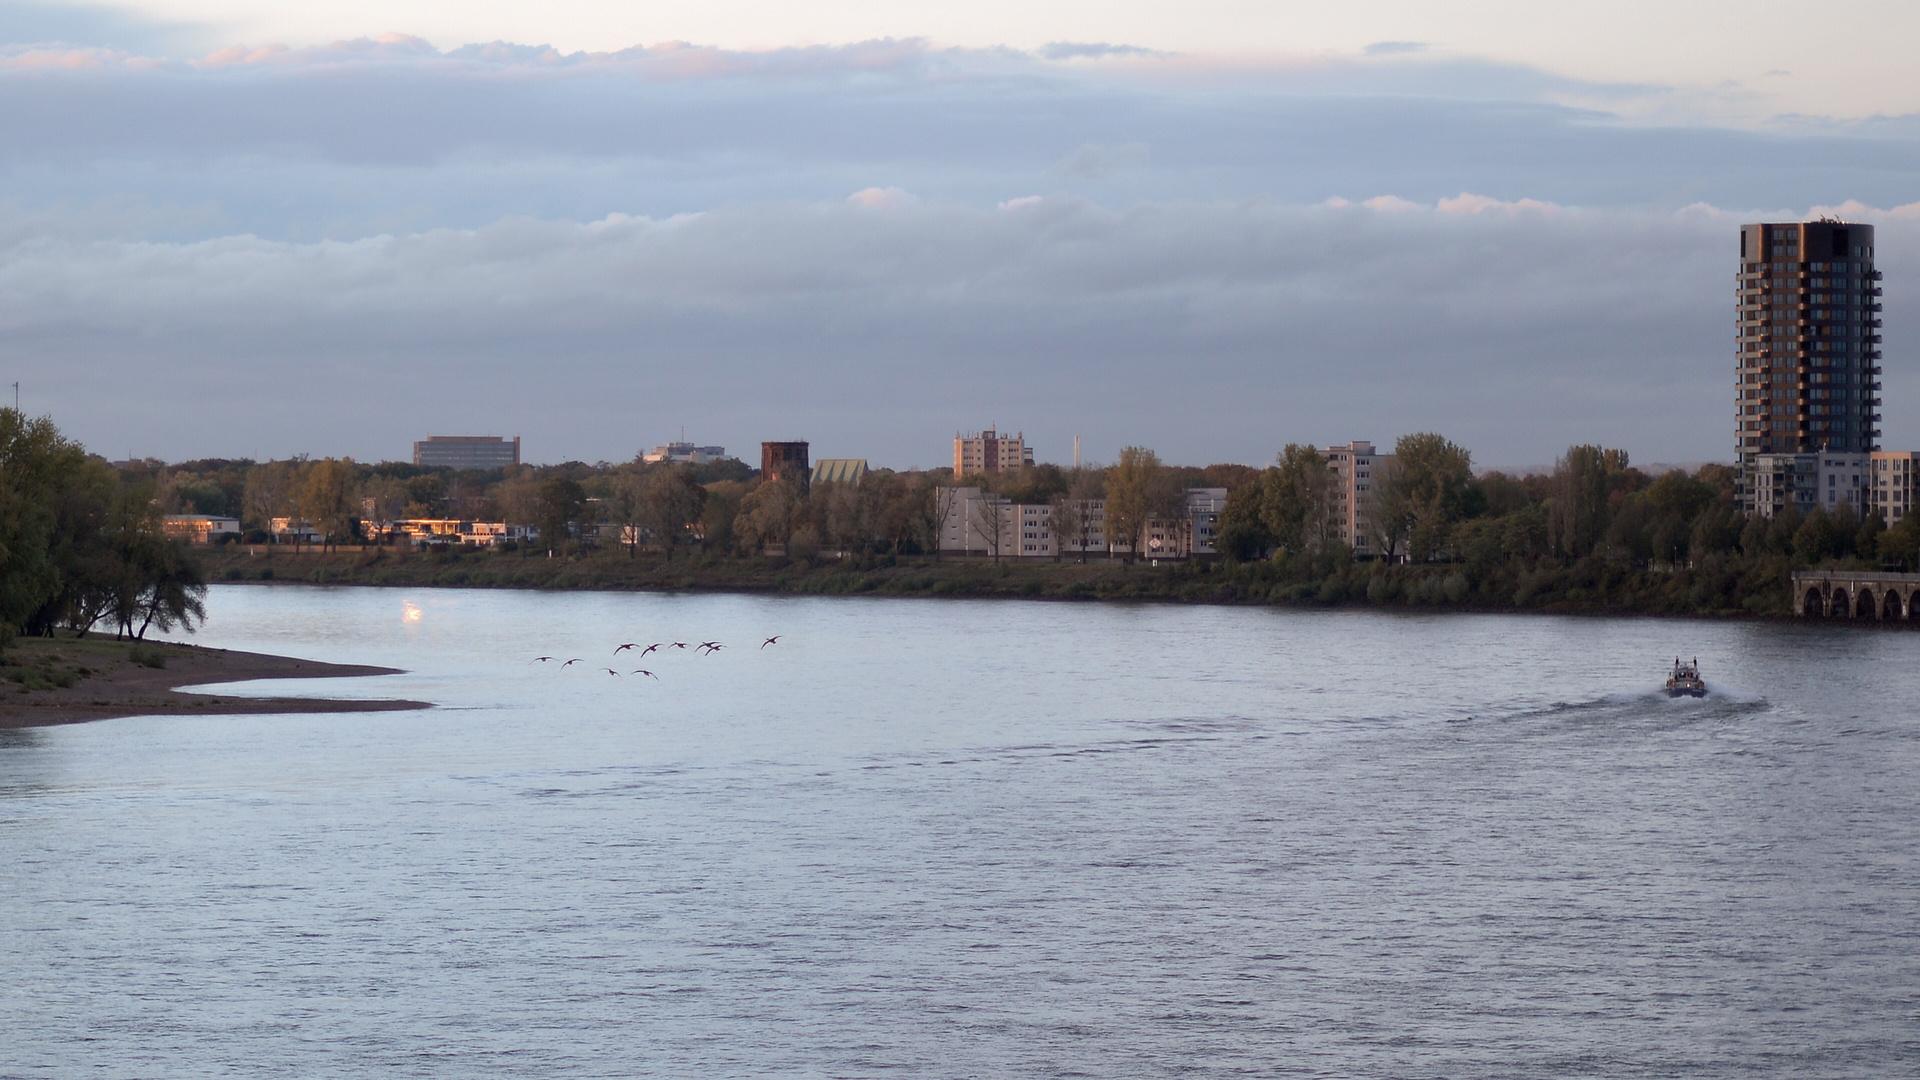 Gänses sind fliegen vor dem Mühlheimer Brücke.